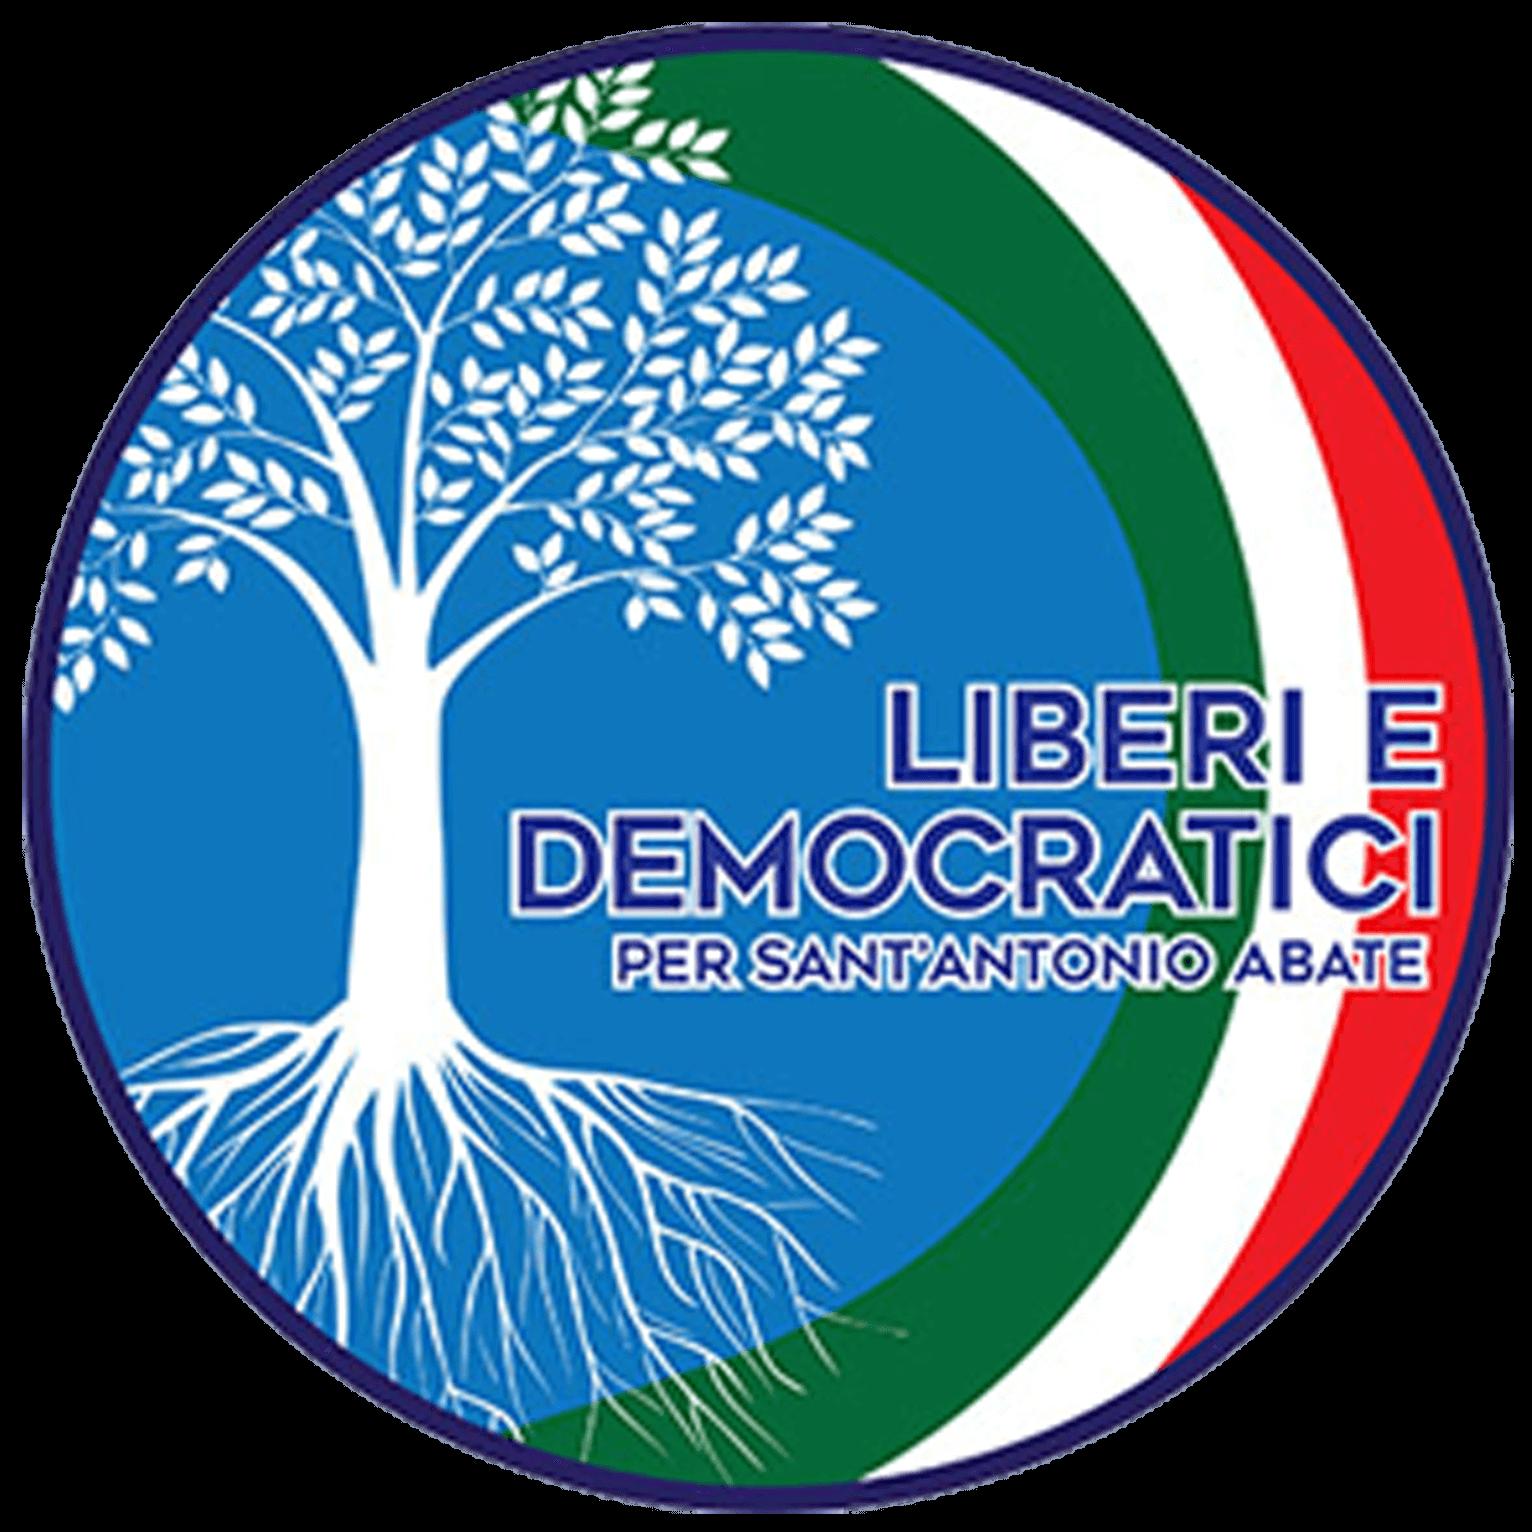 liberi e democratici per sant'antonio abte